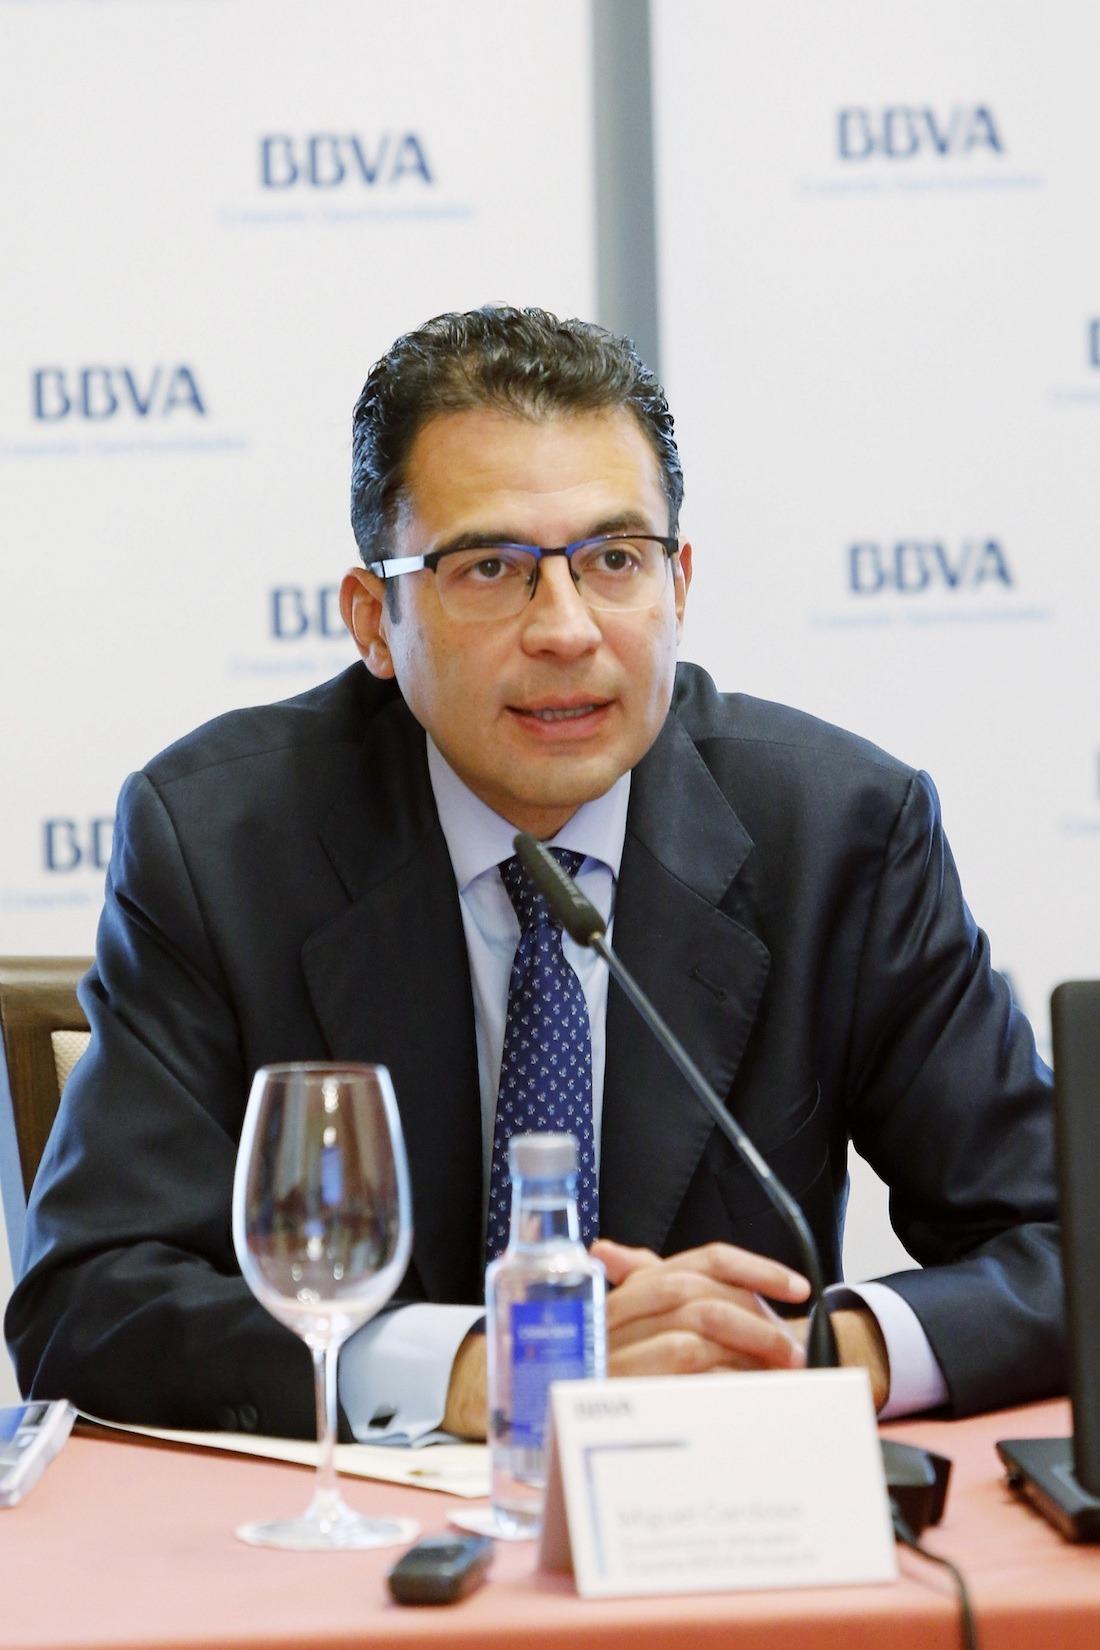 BBVA-Situacion-Navarra-Miguel-Cardos